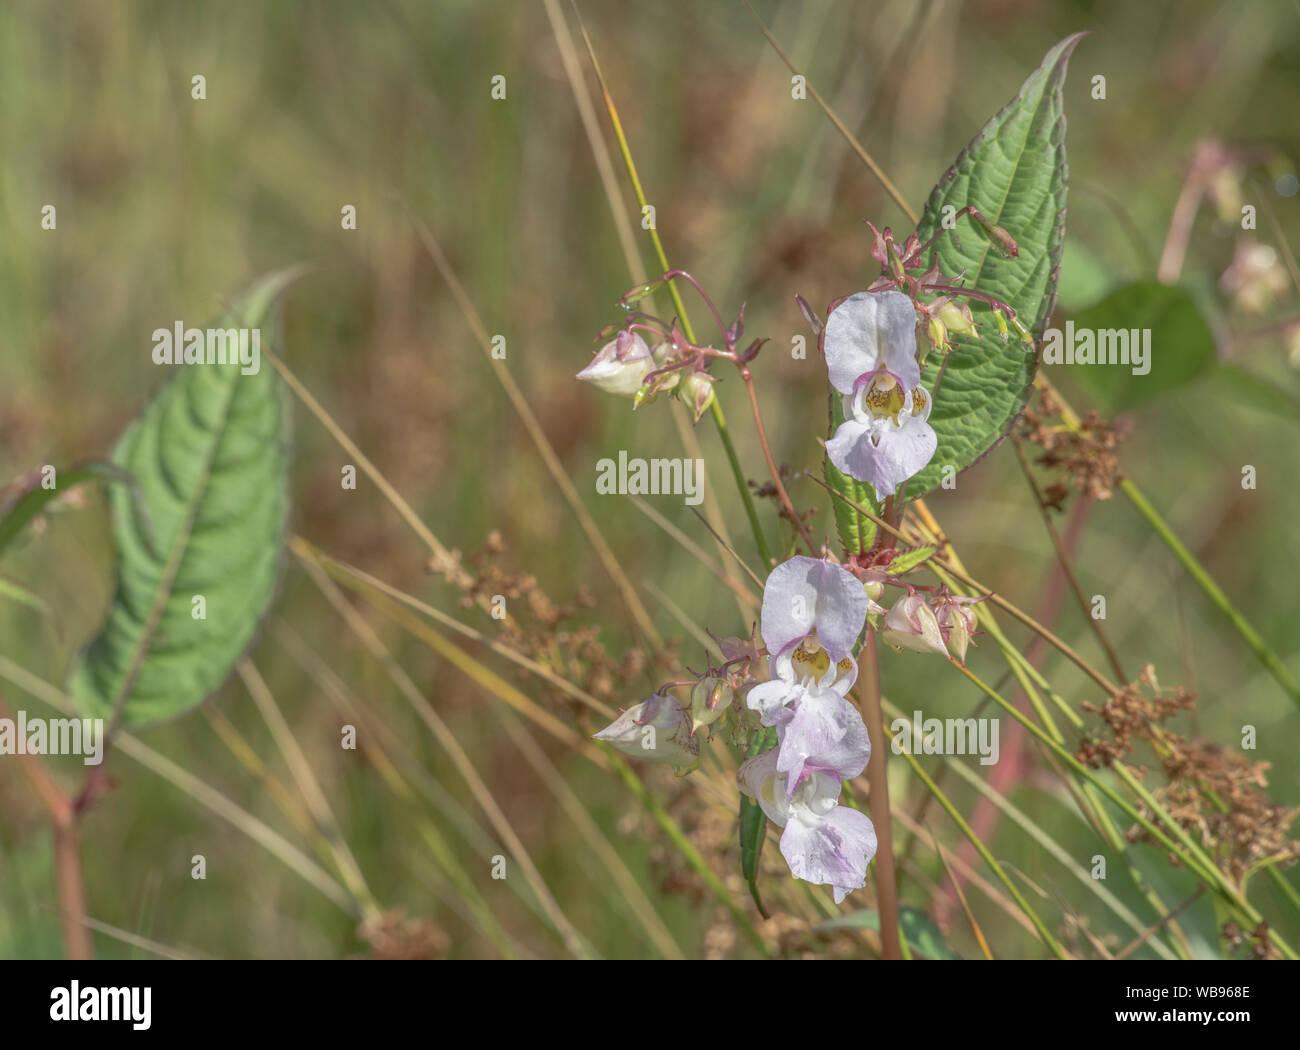 Flores y hojas superiores de los molestos Bálsamo / Impatiens glandulifera del Himalaya - que le gusta el suelo húmedo / tierra, ríos, riberas. Foto de stock